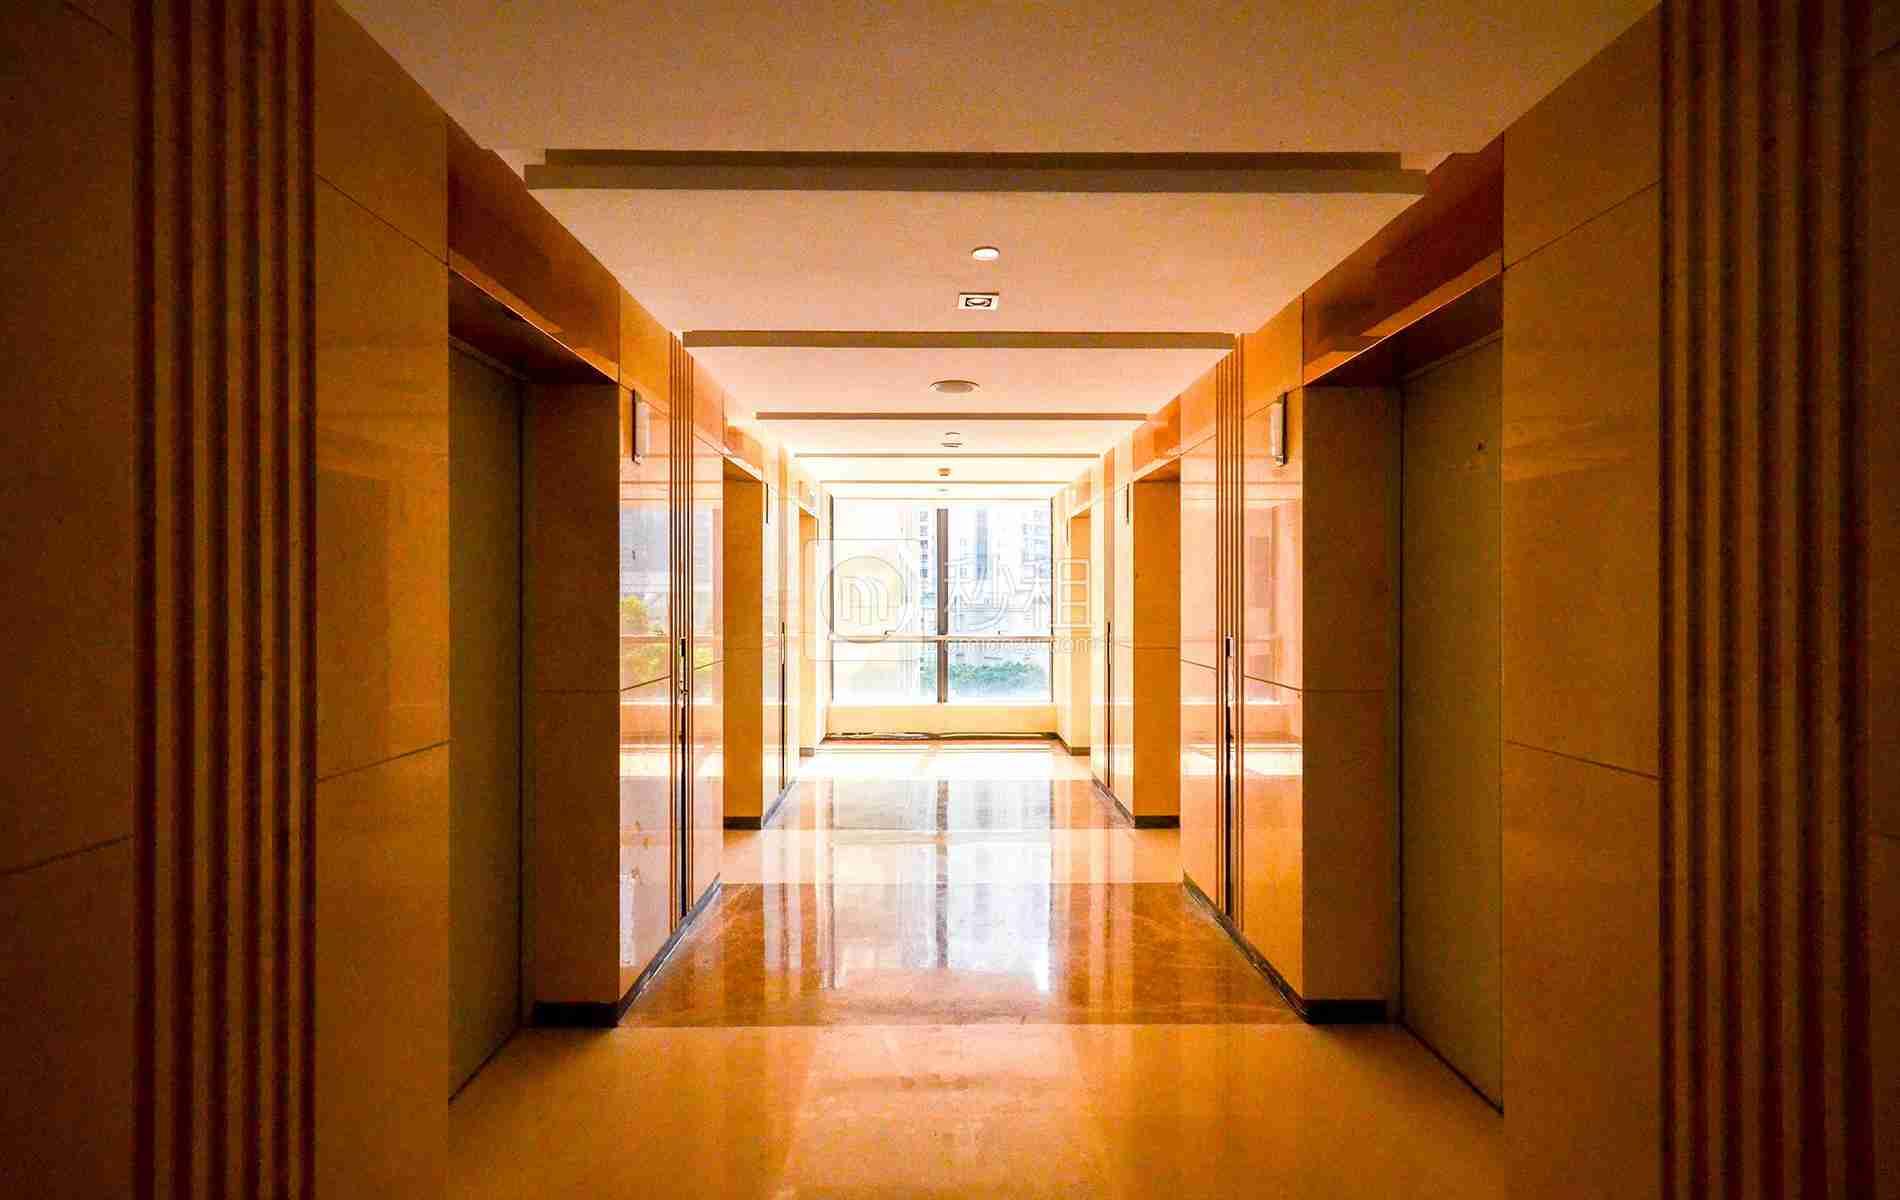 广物中心写字楼出租/招租/租赁,广物中心办公室出租/招租/租赁